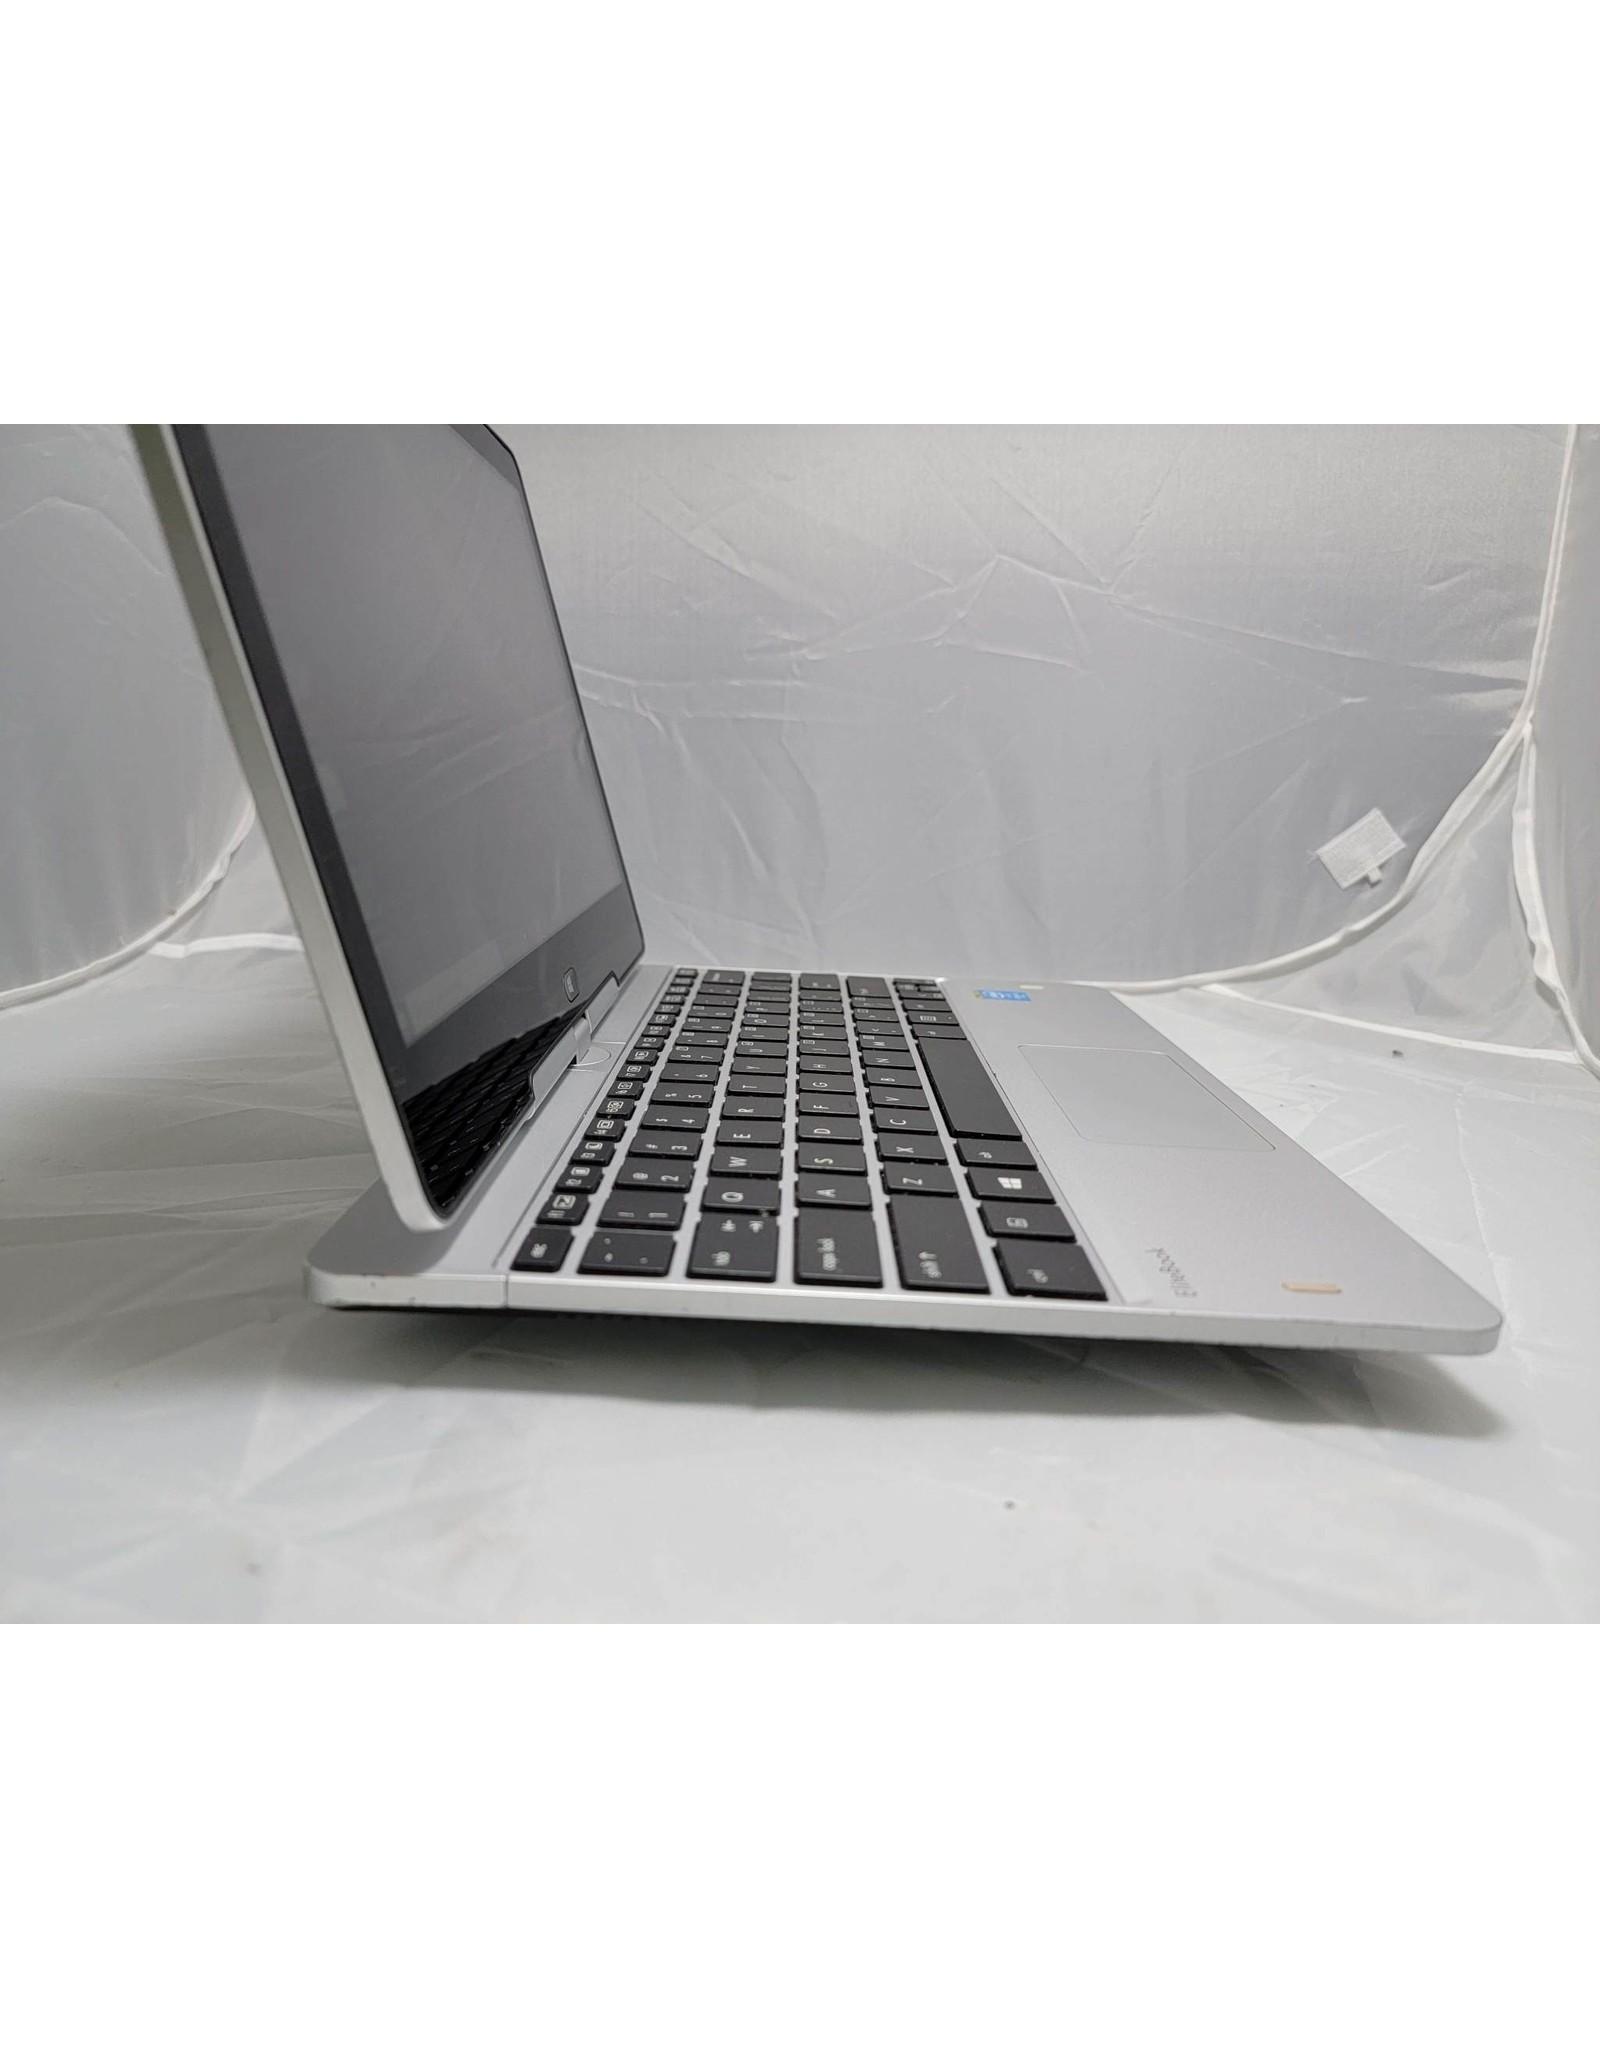 HP Refurbished HP Elitebook 810 G3 Laptop